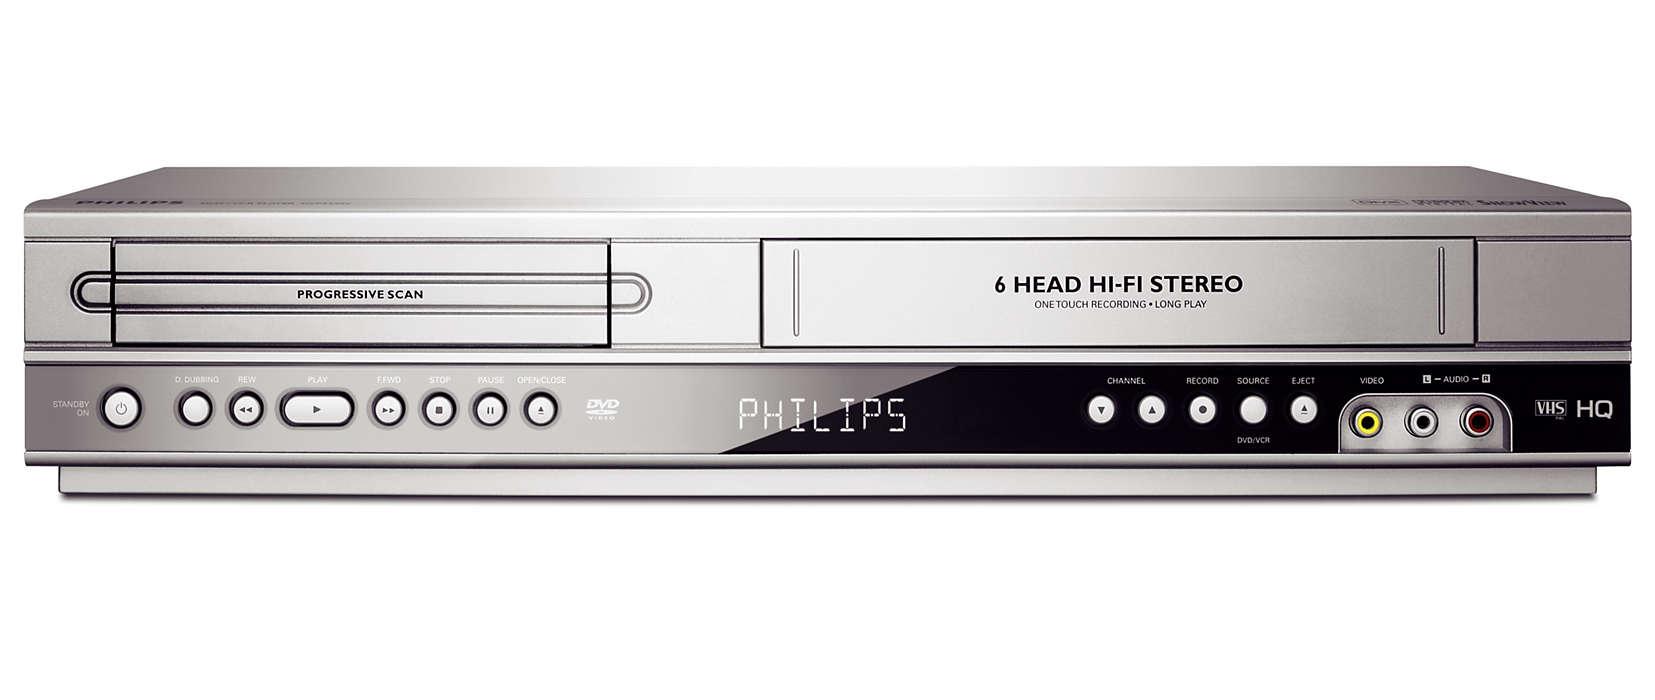 Reproduz DVDs e cassetes em VHS